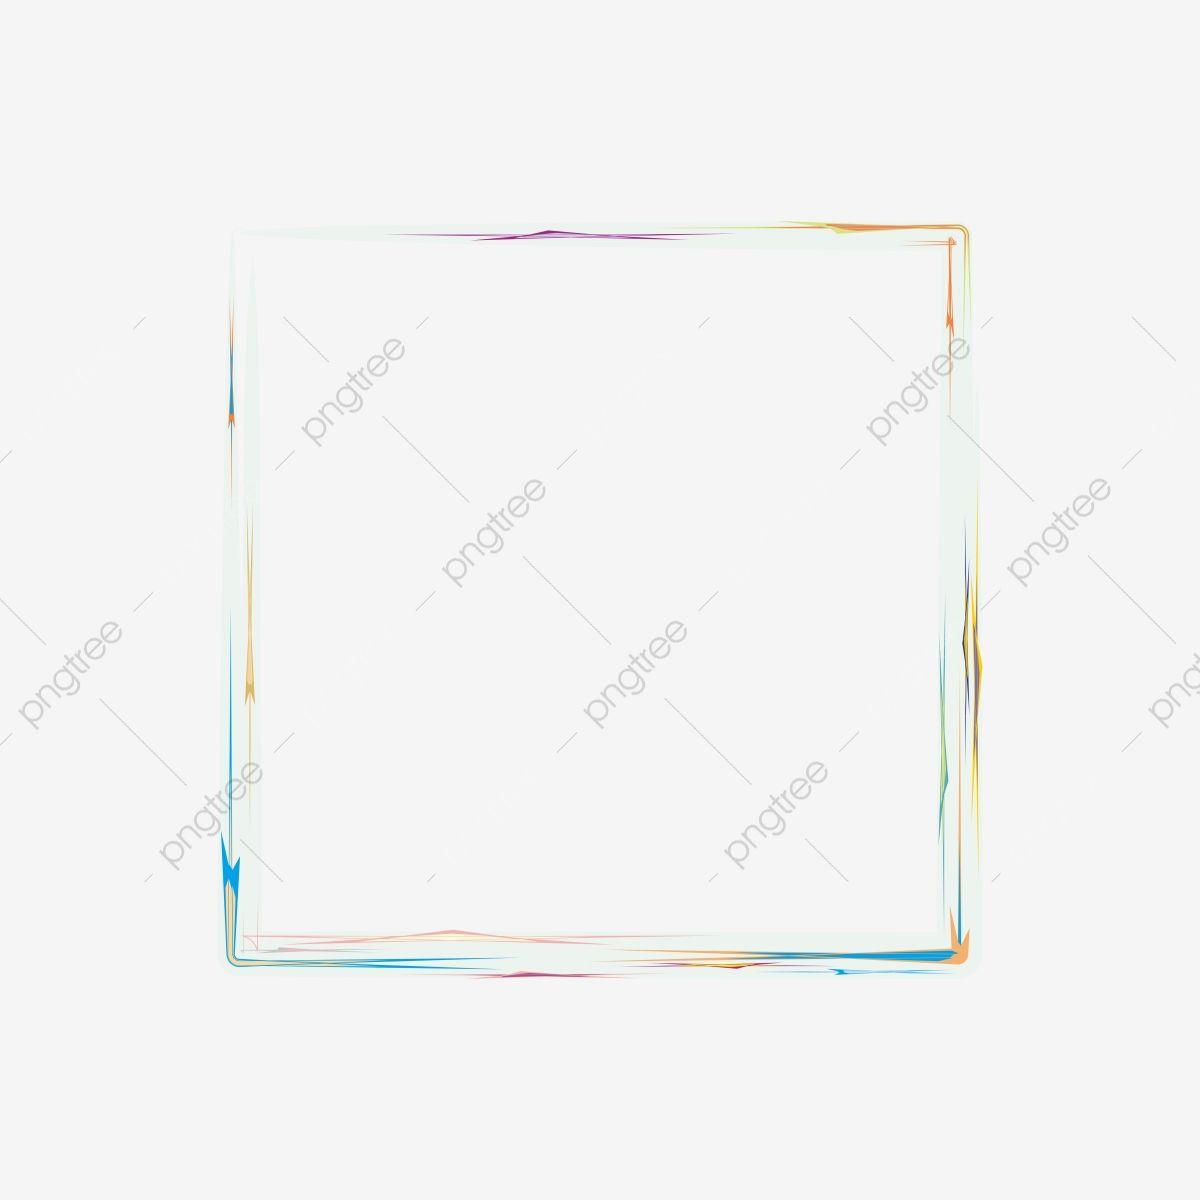 إطار مربع بالألوان المائية اعمال توضيح الورق Png صورة للتحميل مجانا Square Frames Clip Art Frame